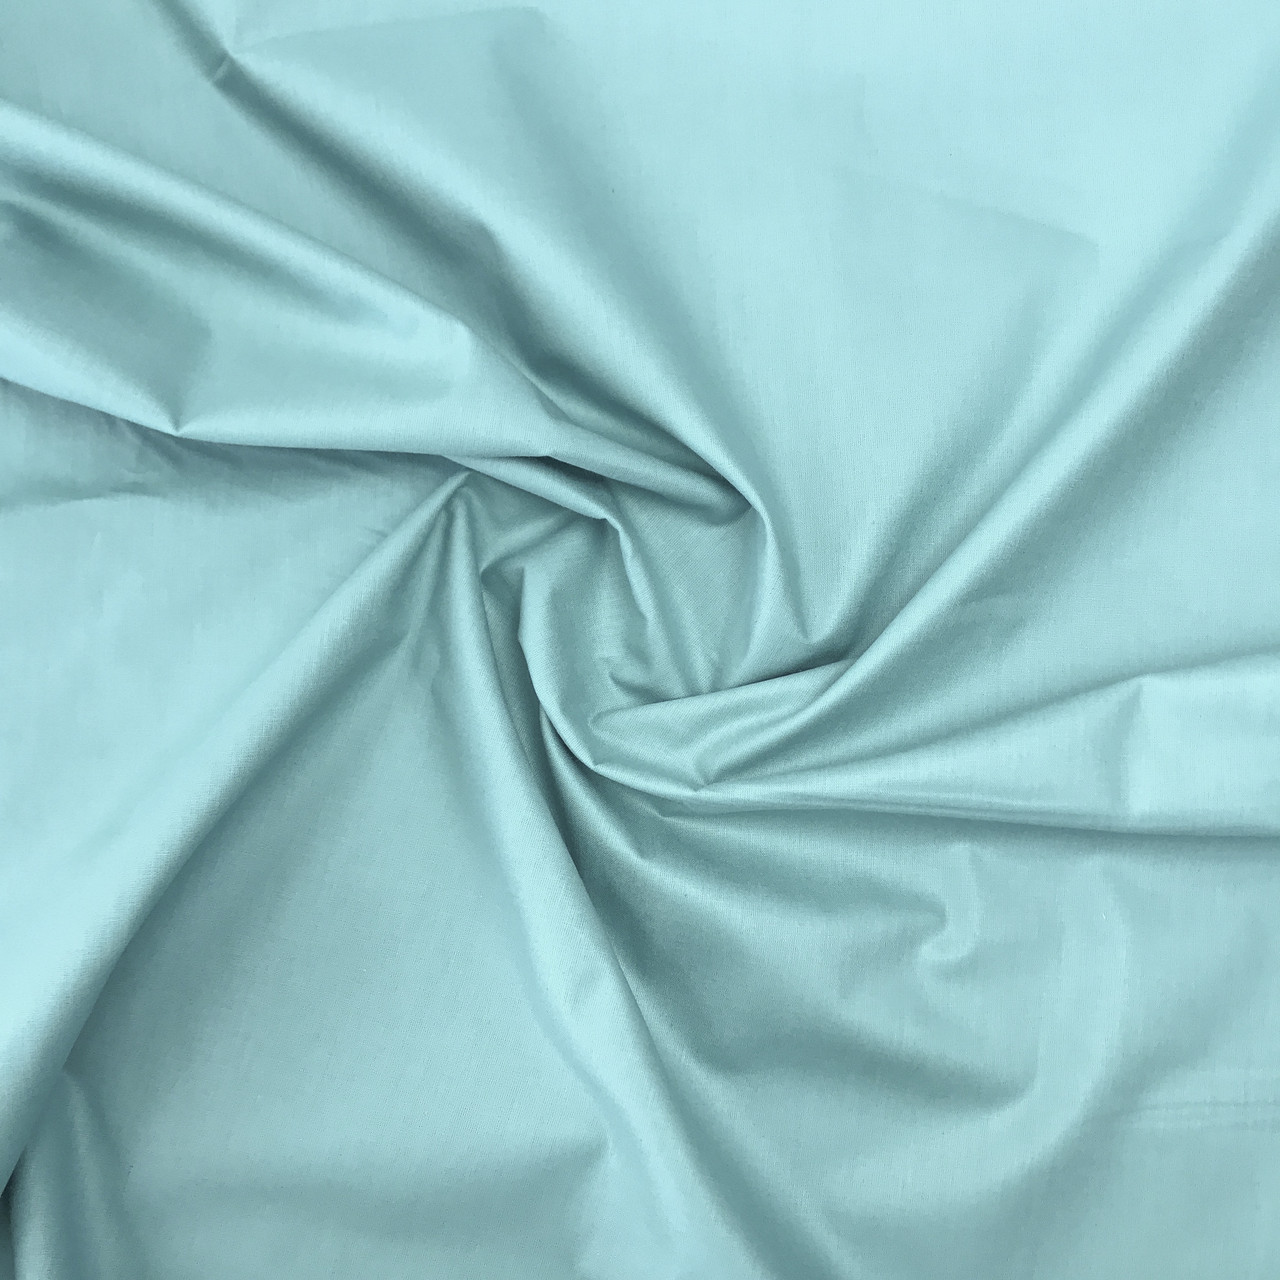 """Турецкая хлопковая ткань ранфорс """"бирюзовый"""" 240 см"""